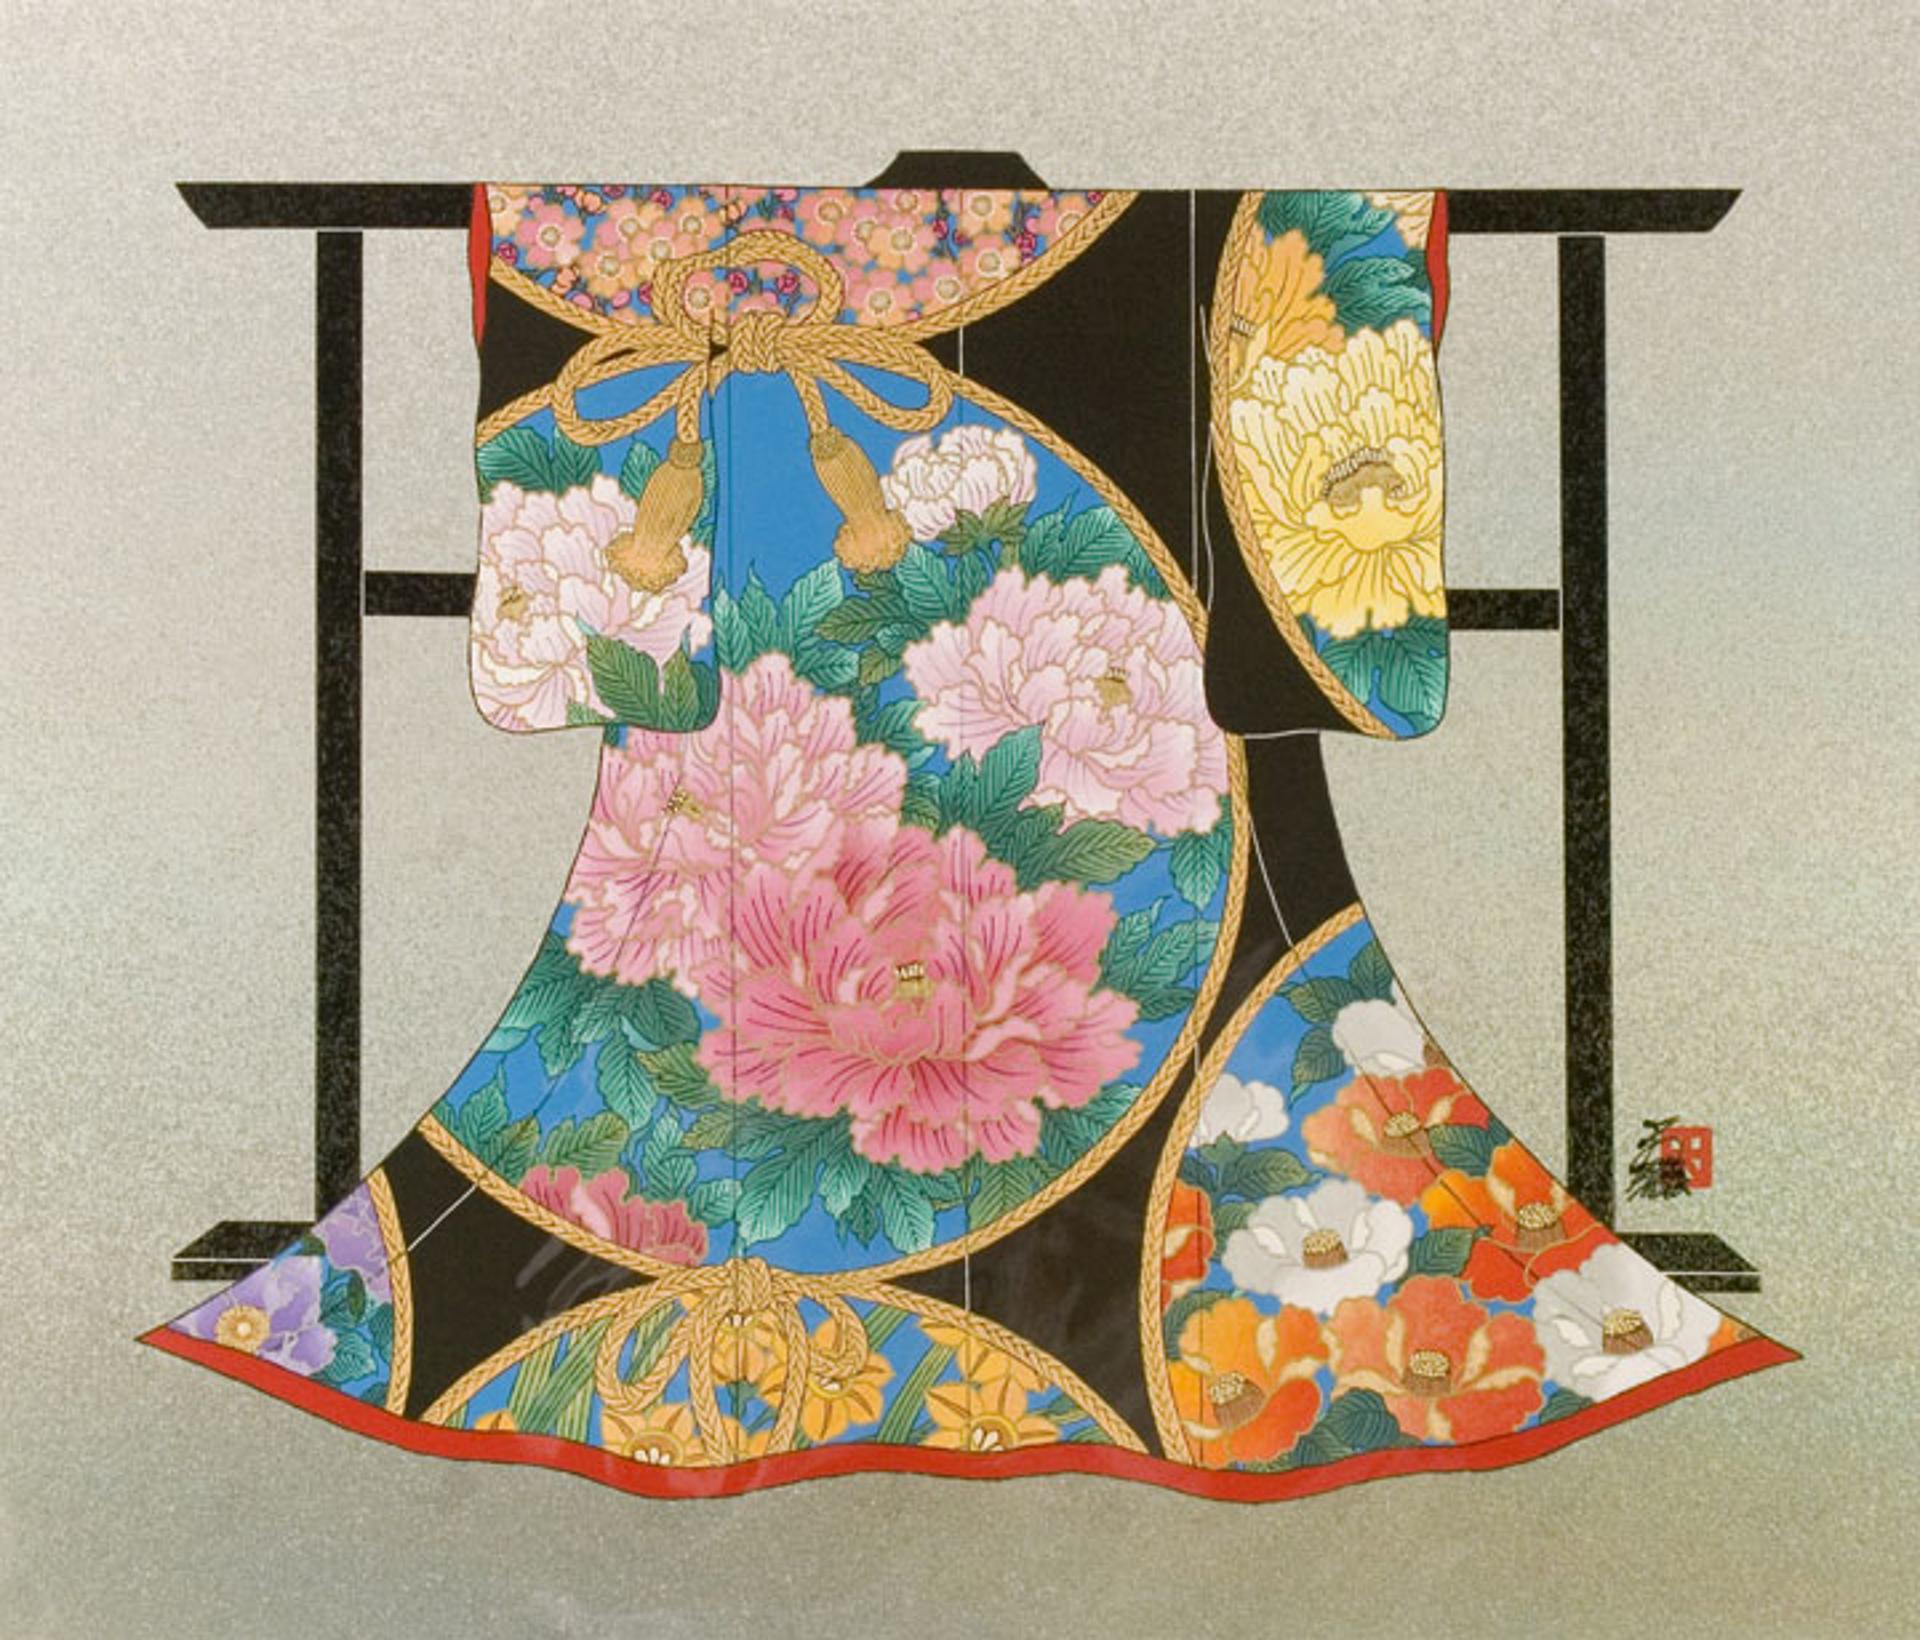 Surrounding Flowers by Hisashi Otsuka